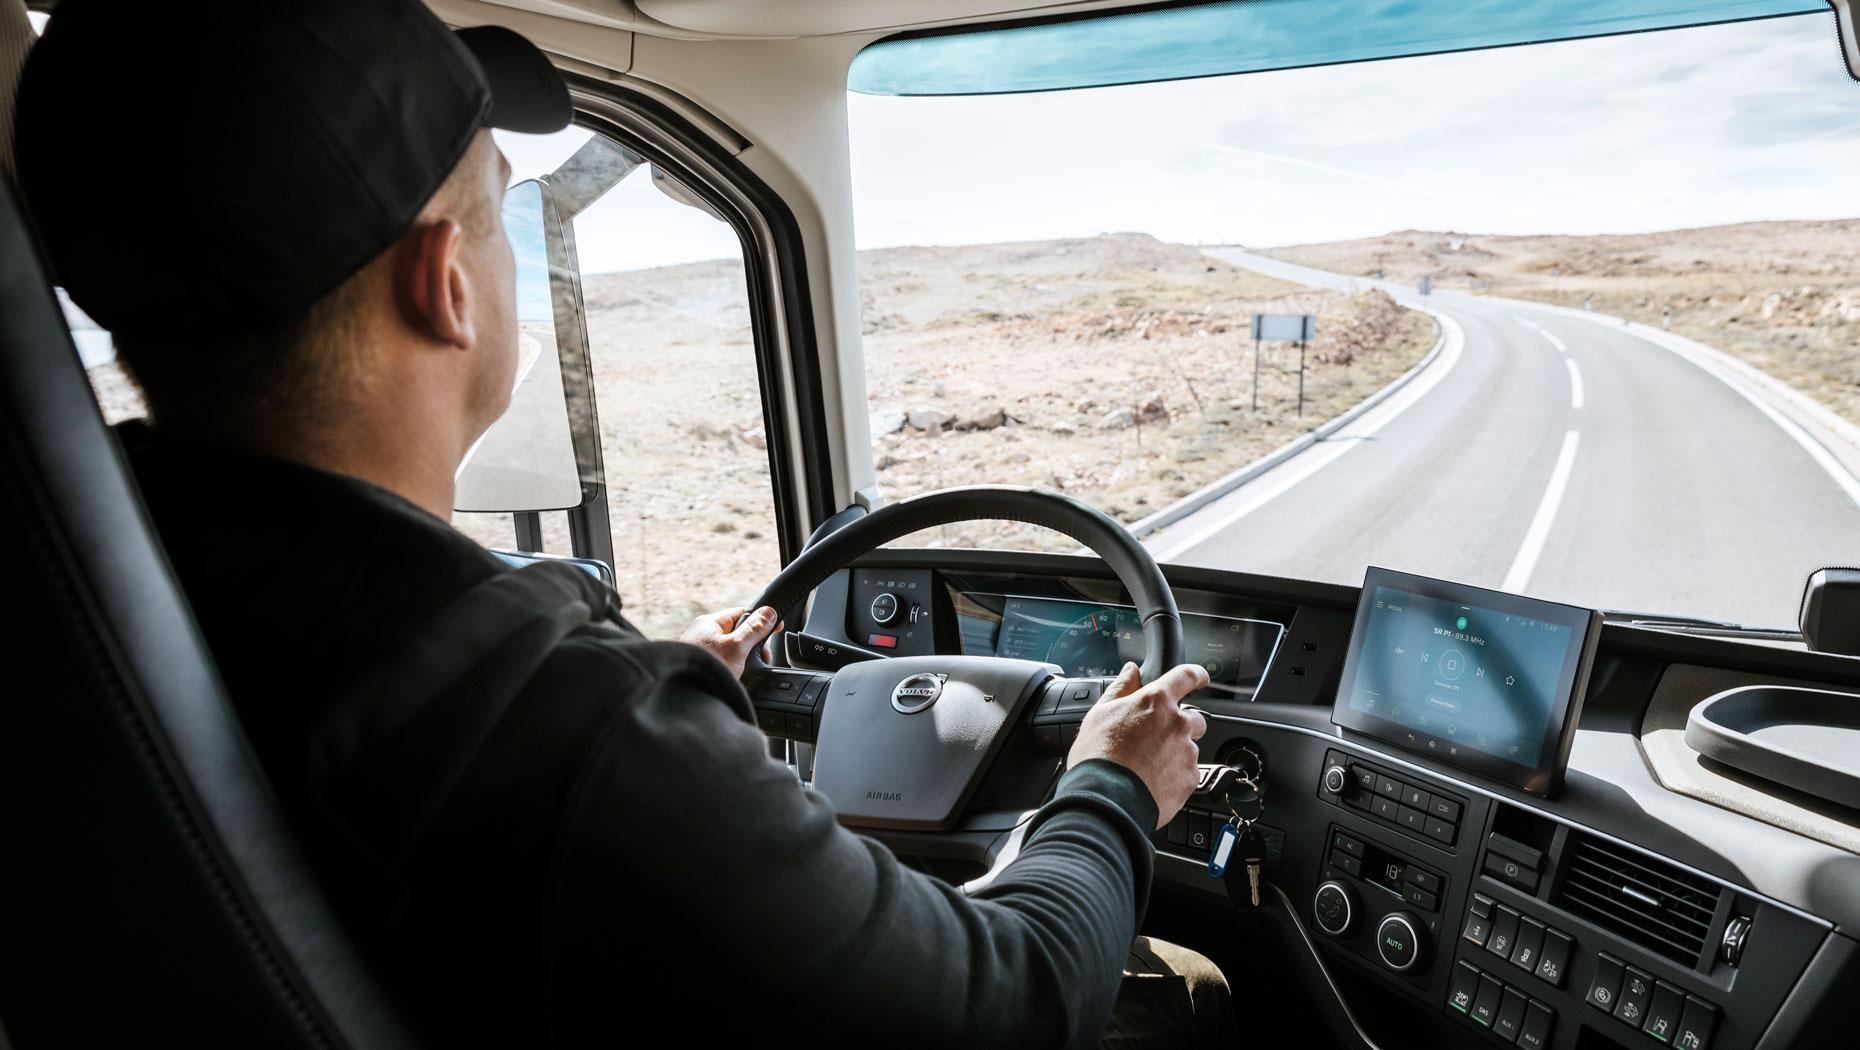 Noile camioane Volvo facilitează luarea deciziilor corecte de către șoferi